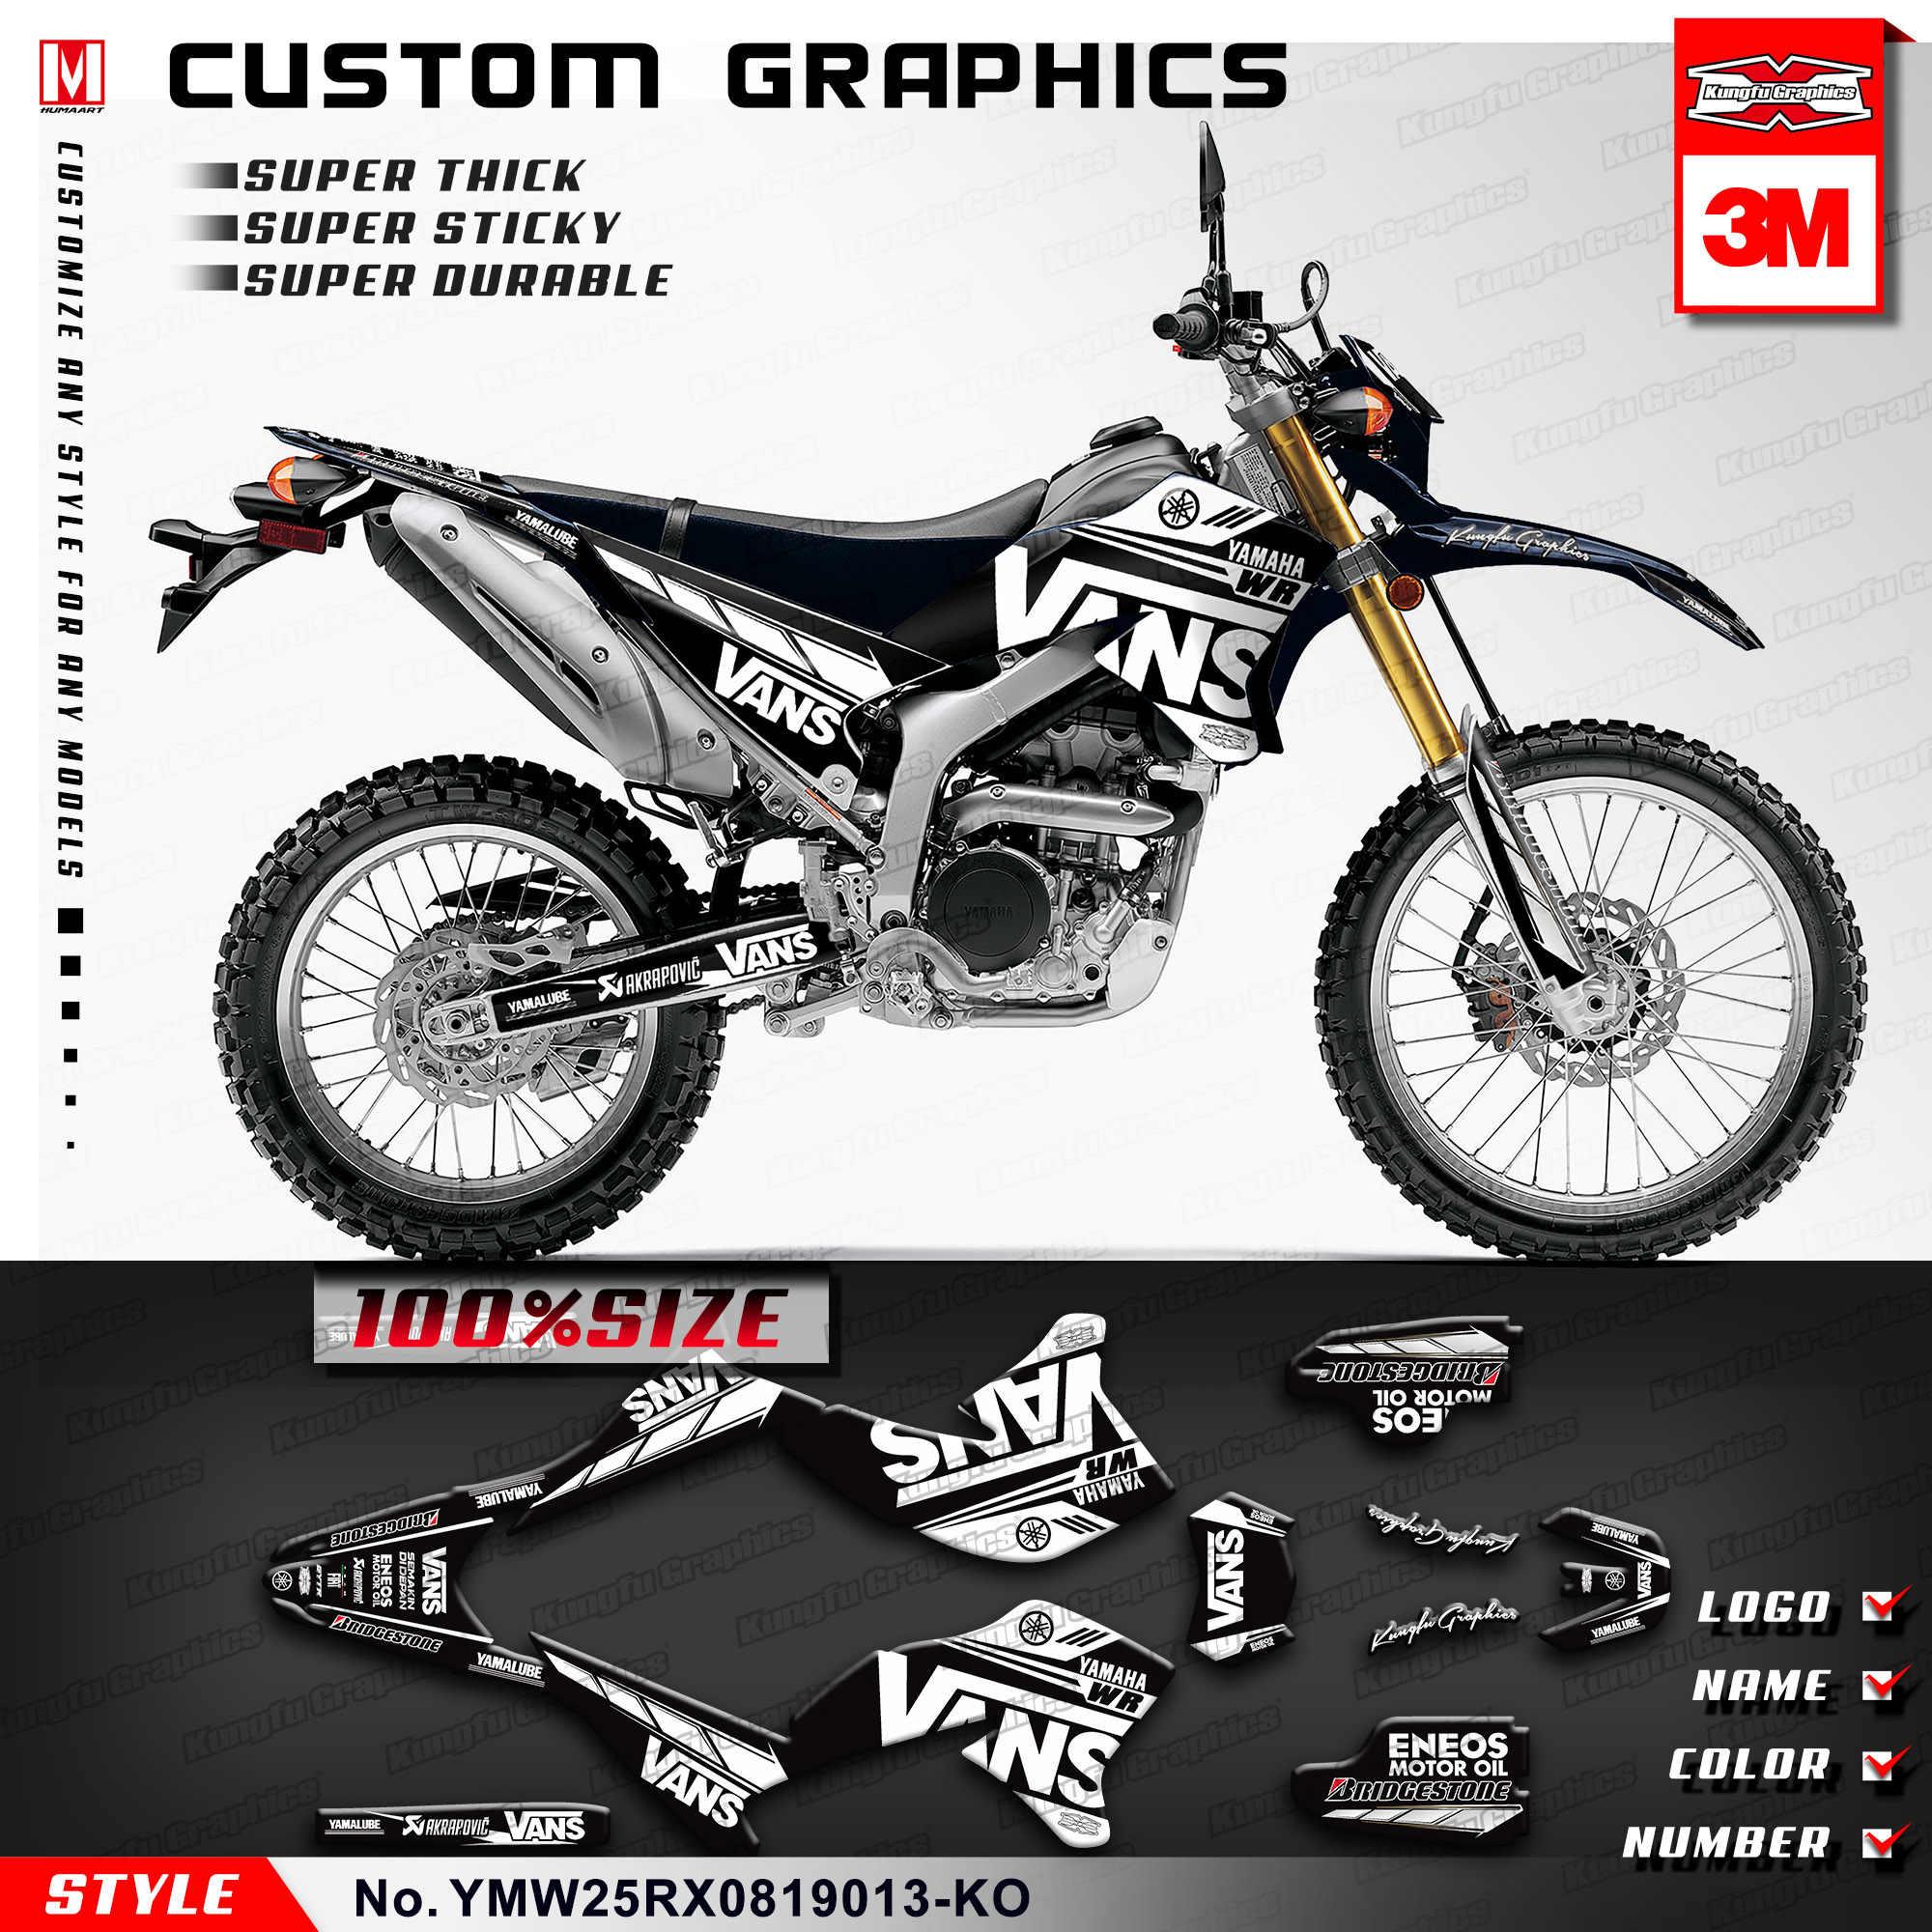 01-07 Kettenkit Yamaha WR 250 F ; XAM X-Ring extra CG11 CG16 CG22 CG24 CG26